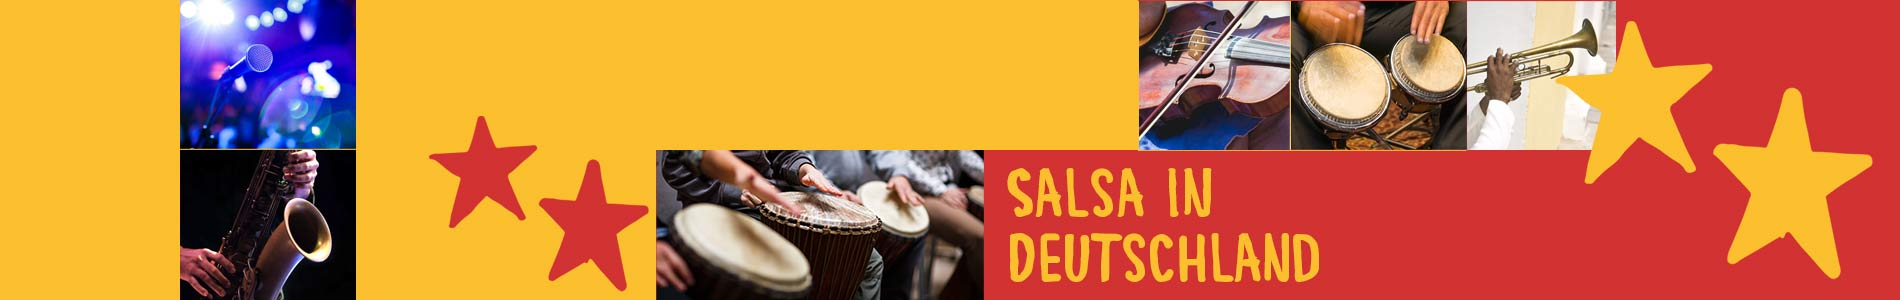 Salsa in Buttenwiesen – Salsa lernen und tanzen, Tanzkurse, Partys, Veranstaltungen